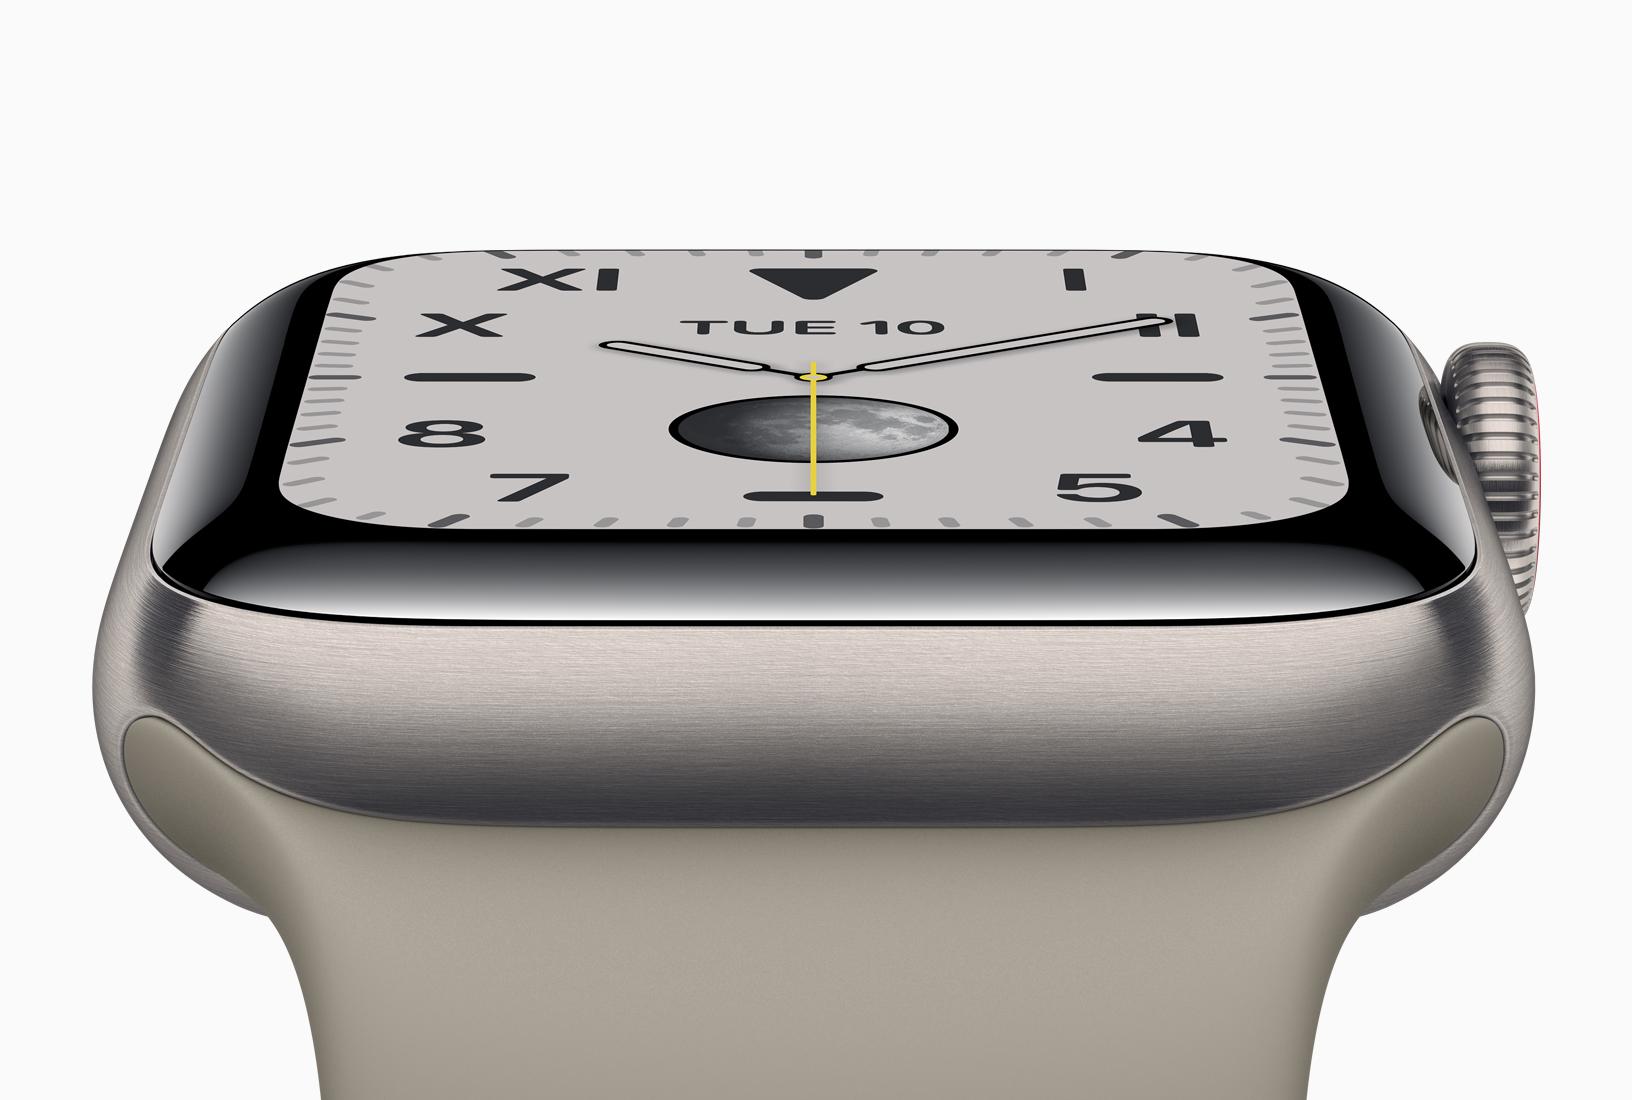 Apple Watch Series 5 - возможности и функции одних из самых популярных смарт-часов